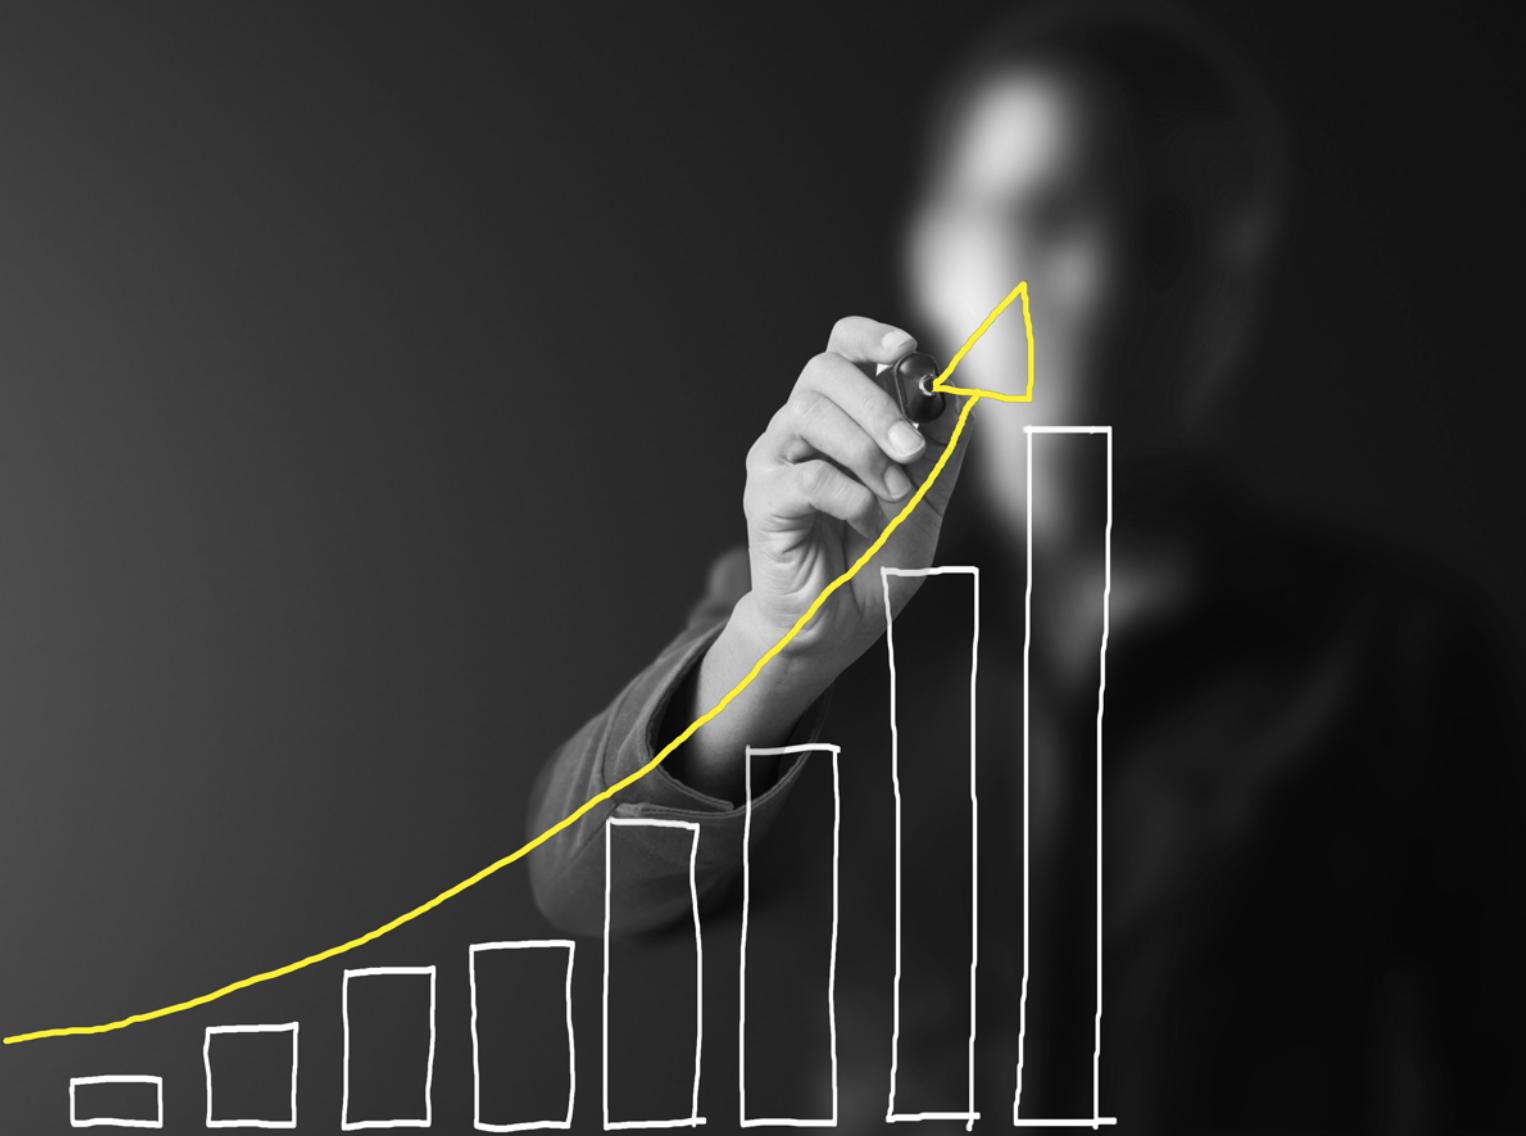 WeChamp entreprise responsable marché athlete de haut niveau entreprise carriere recrutement